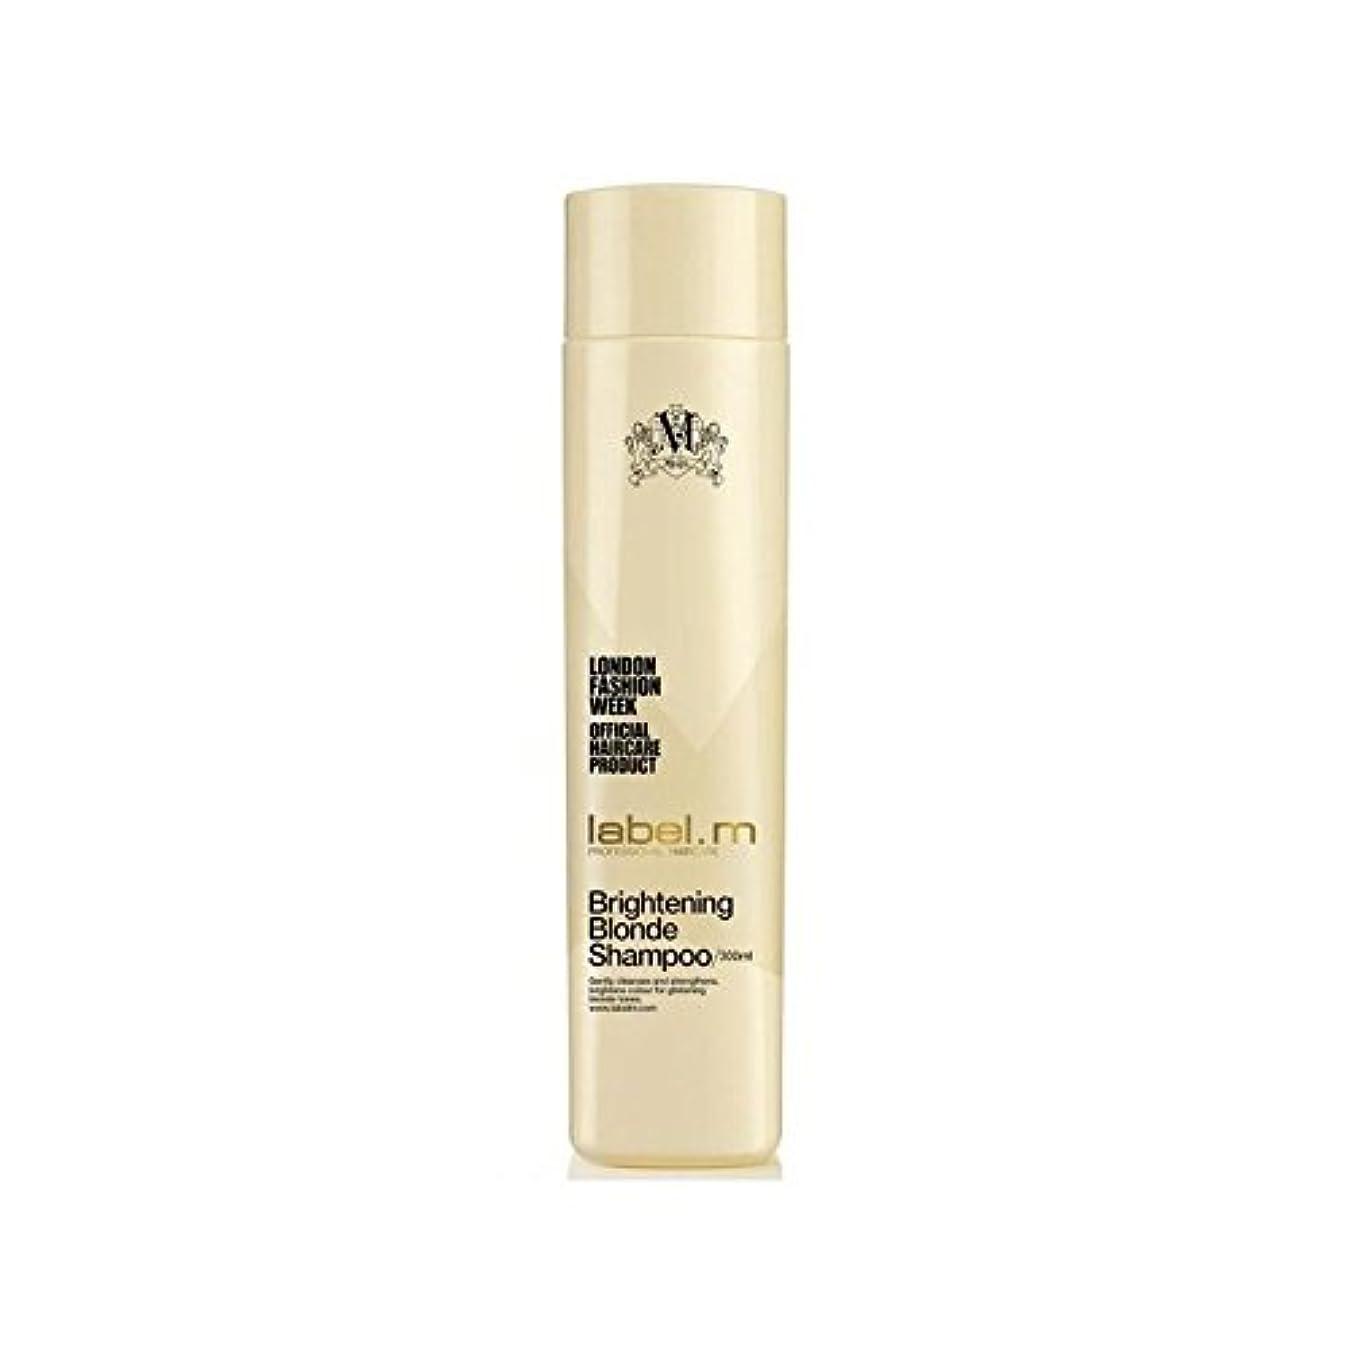 集計思想重要性.明るくブロンドシャンプー(300ミリリットル) x2 - Label.M Brightening Blonde Shampoo (300ml) (Pack of 2) [並行輸入品]